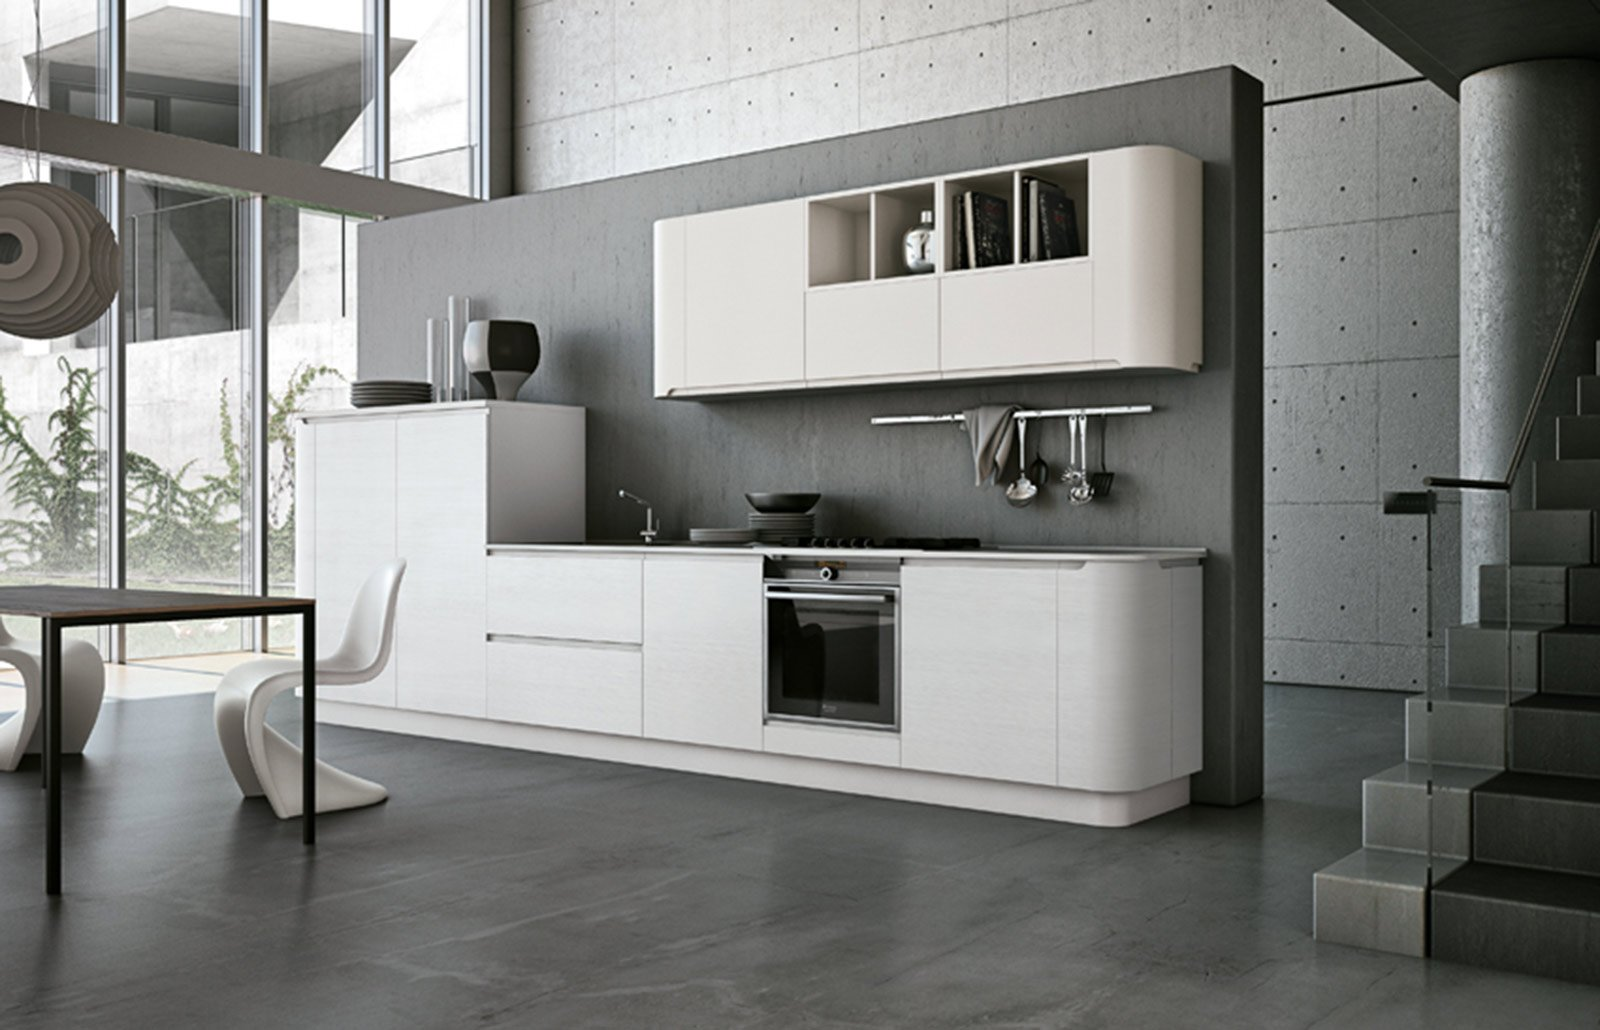 Mobili per soggiorno moderni prezzi: mobili per soggiorno moderni ...